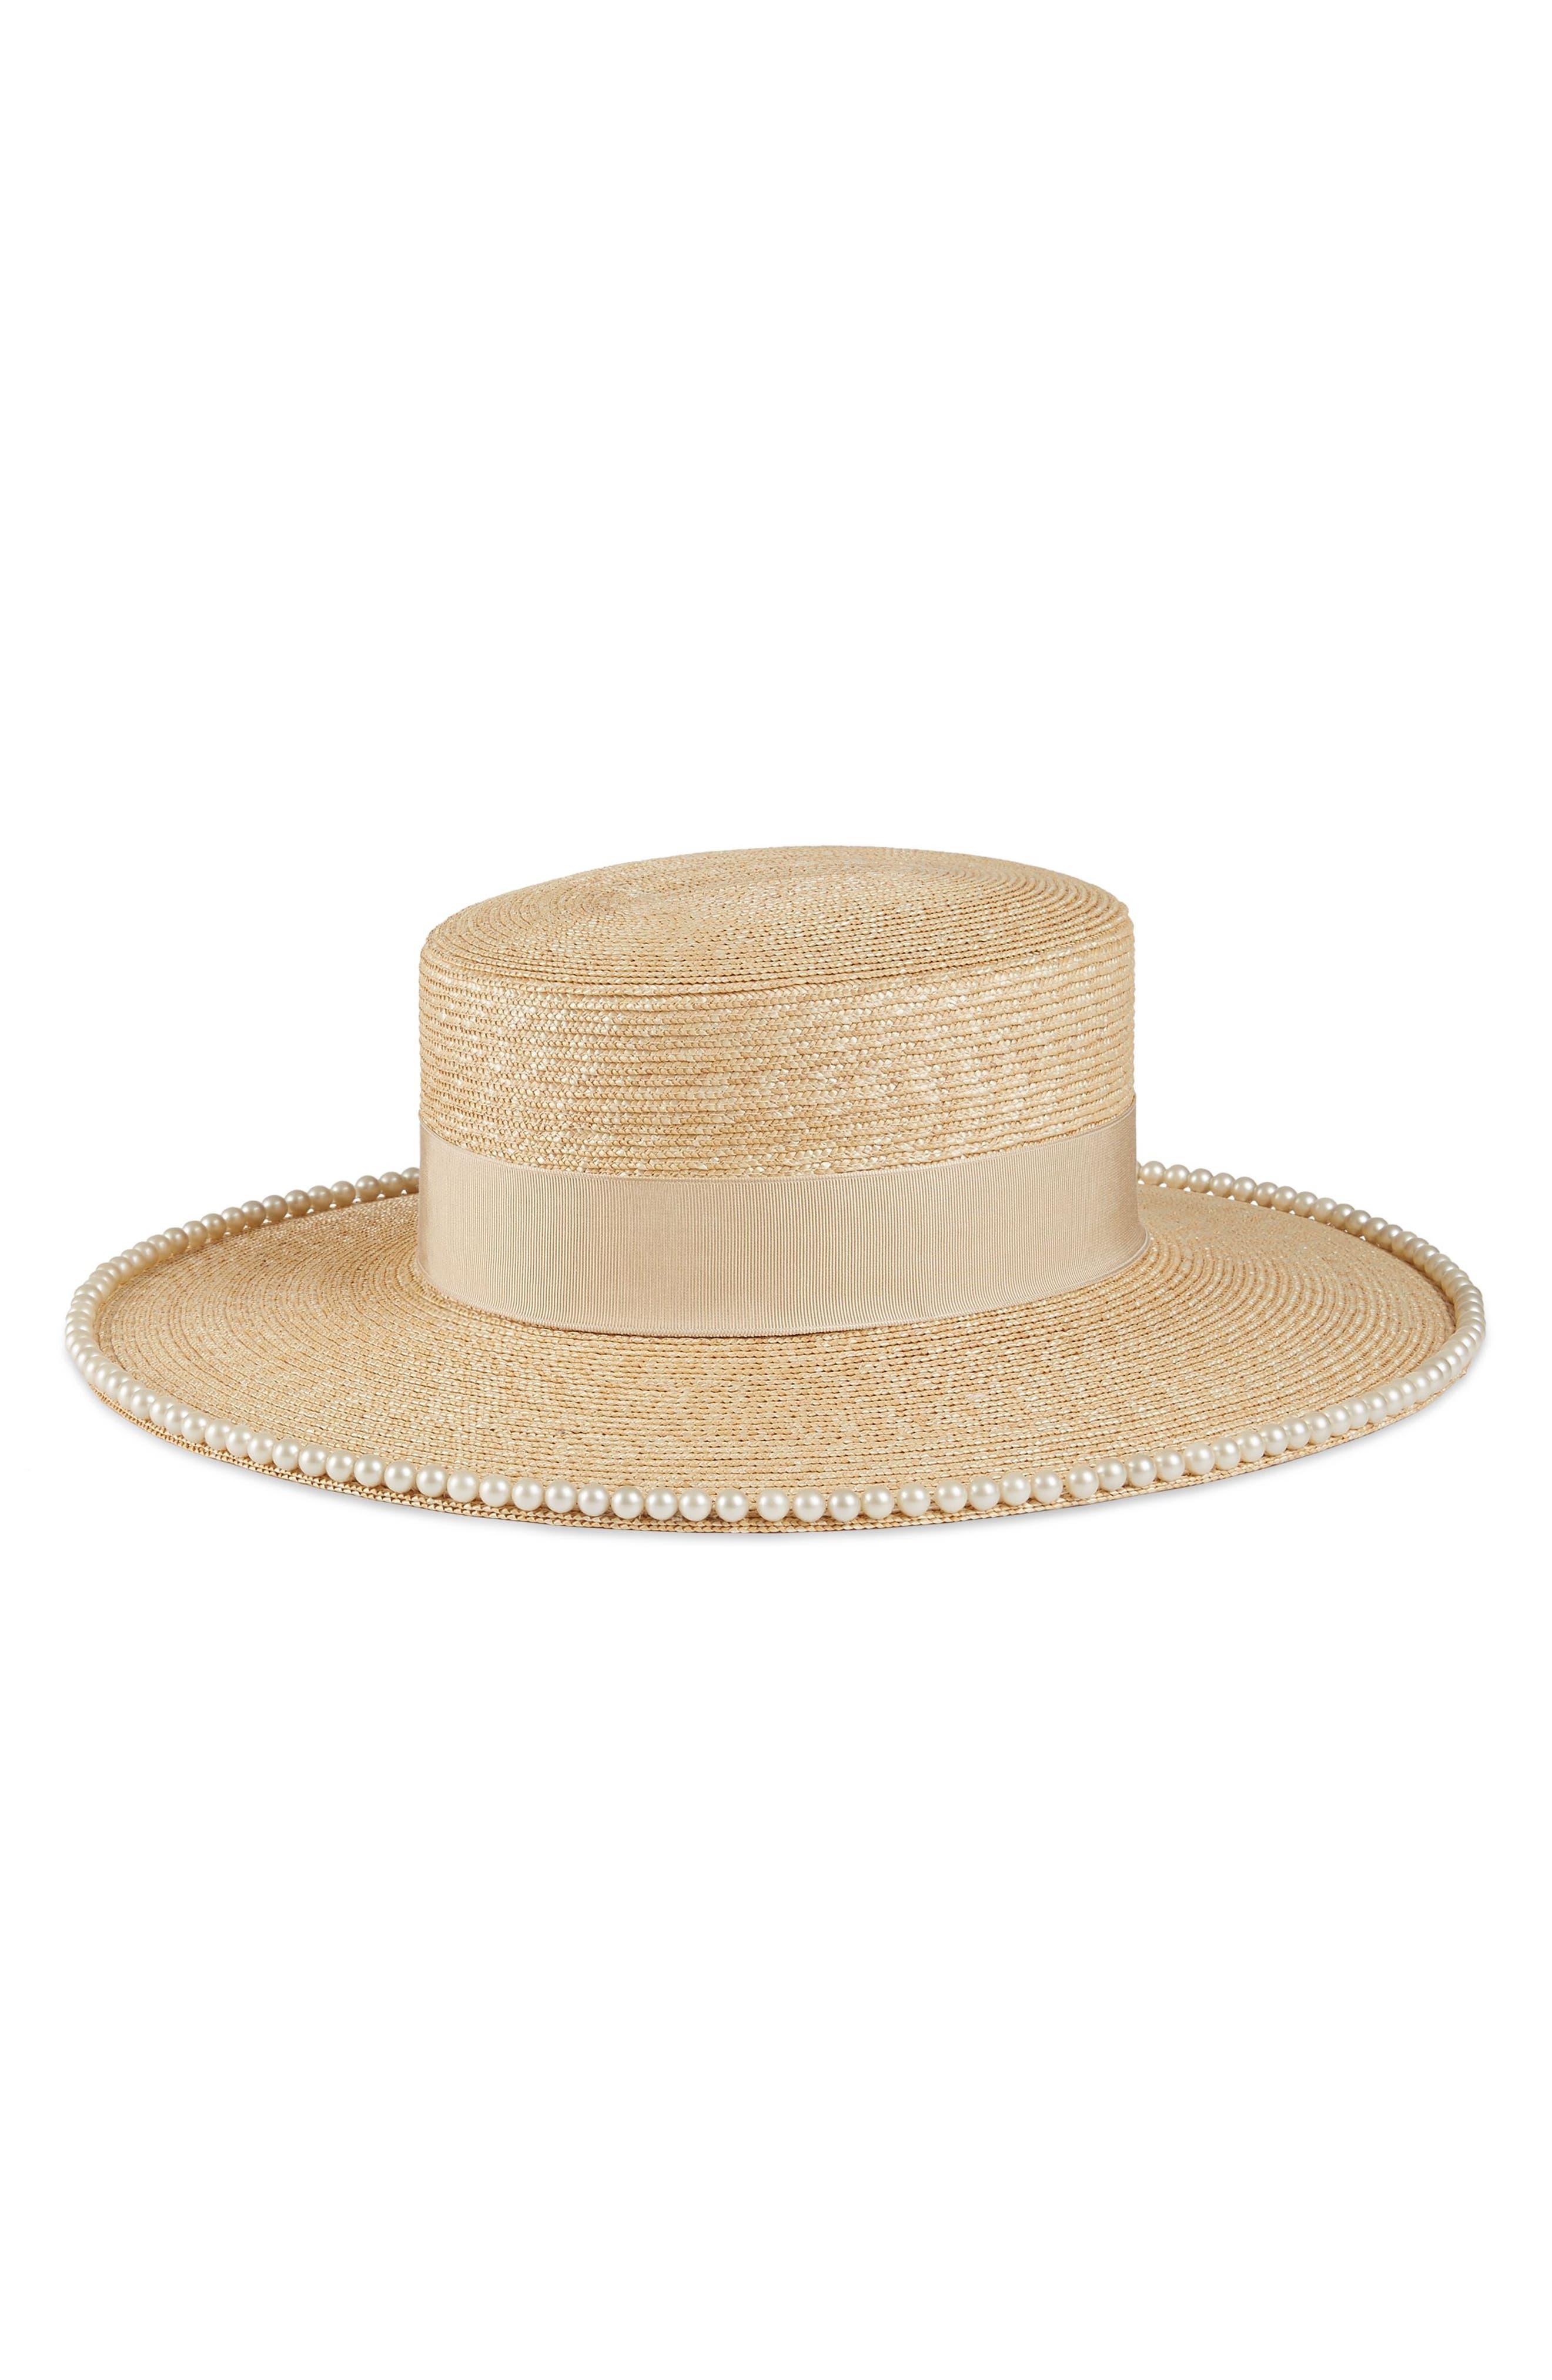 Notte Embellished Straw Hat,                             Alternate thumbnail 2, color,                             155